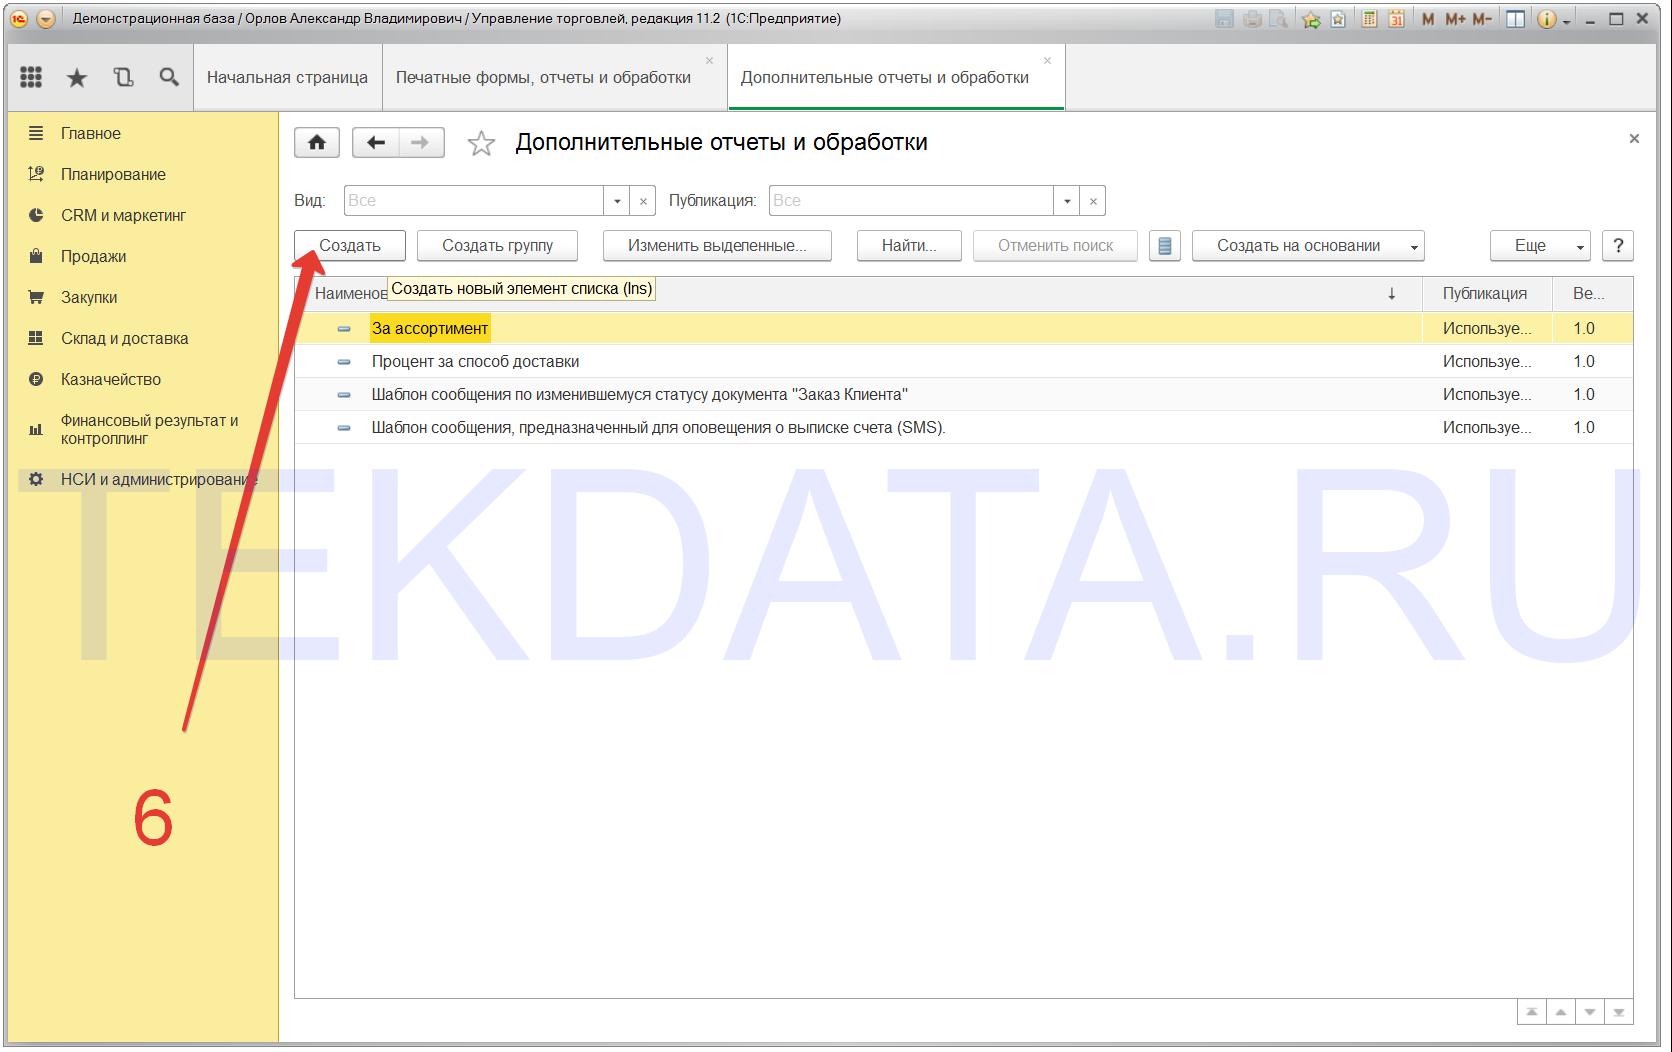 Подключение внешней печатной формы 1С 8.3 (Действия 6) | tekdata.ru